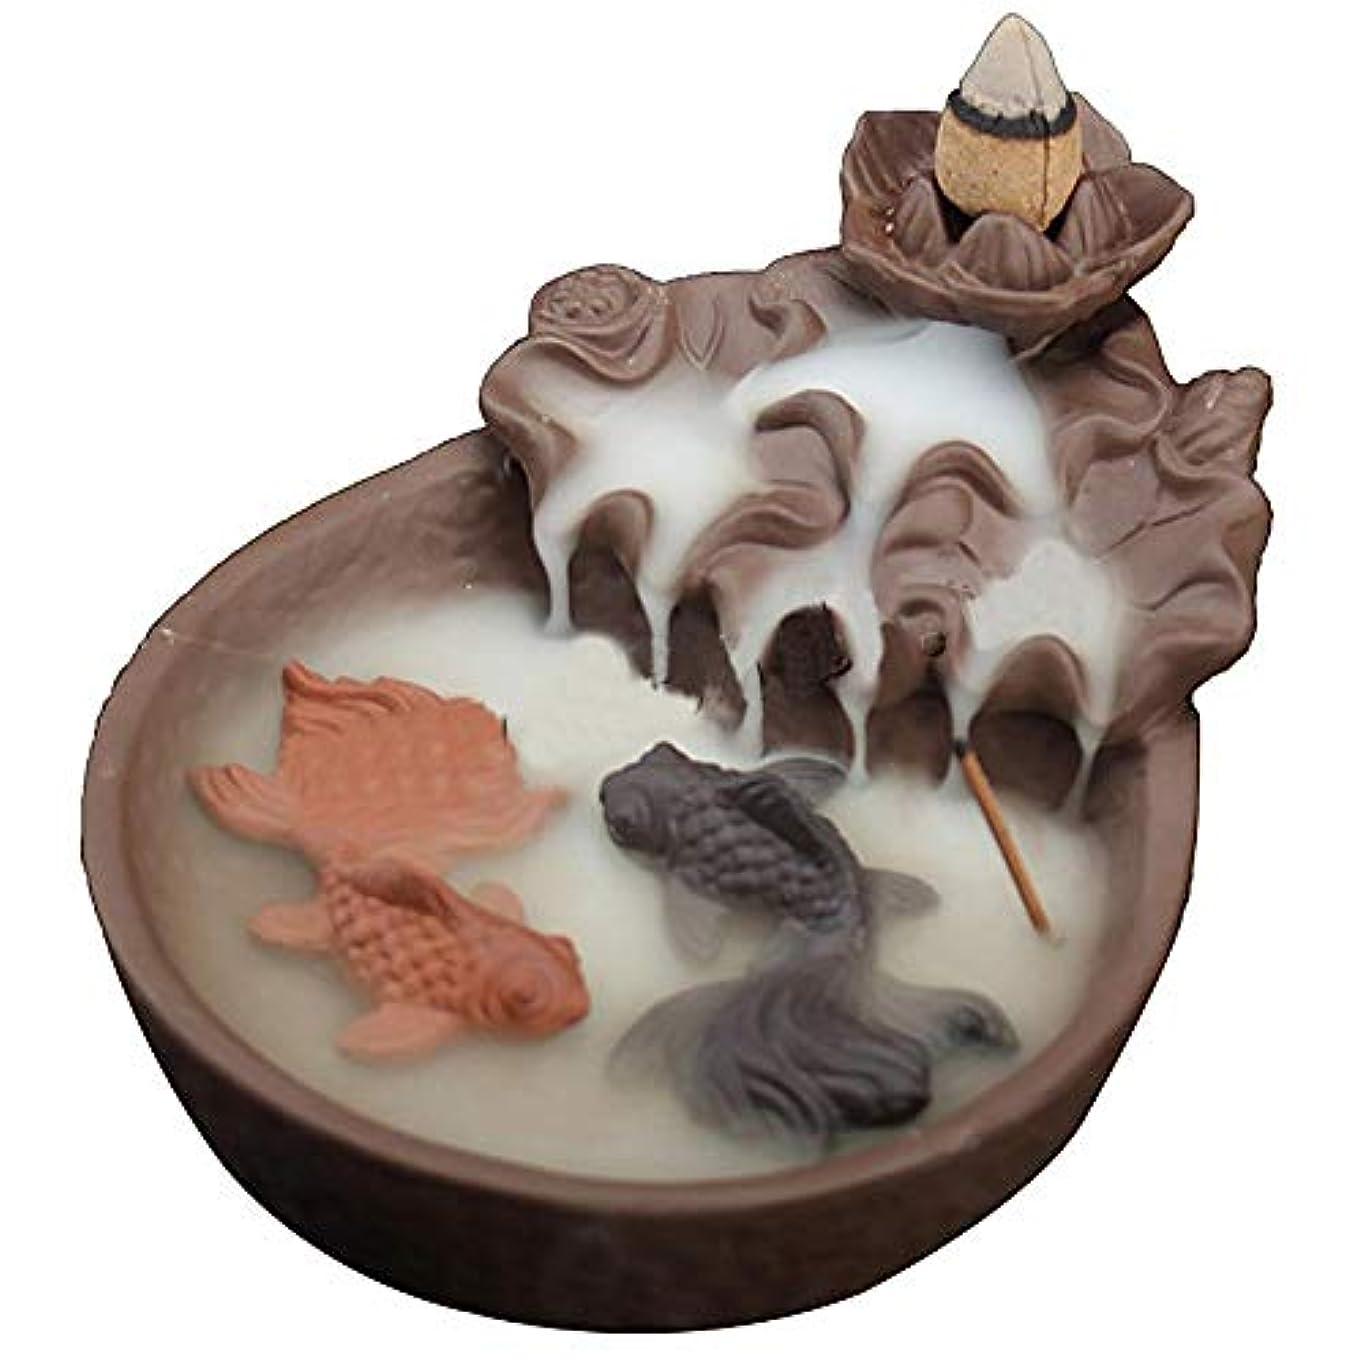 無謀モードリンフライカイトLEAFIS セラミック製 魚の逆流香炉 お香 コーン型お香 スティックホルダー ヨガルーム ホームデコレーション 手芸ギフトに最適 コーン10個付き